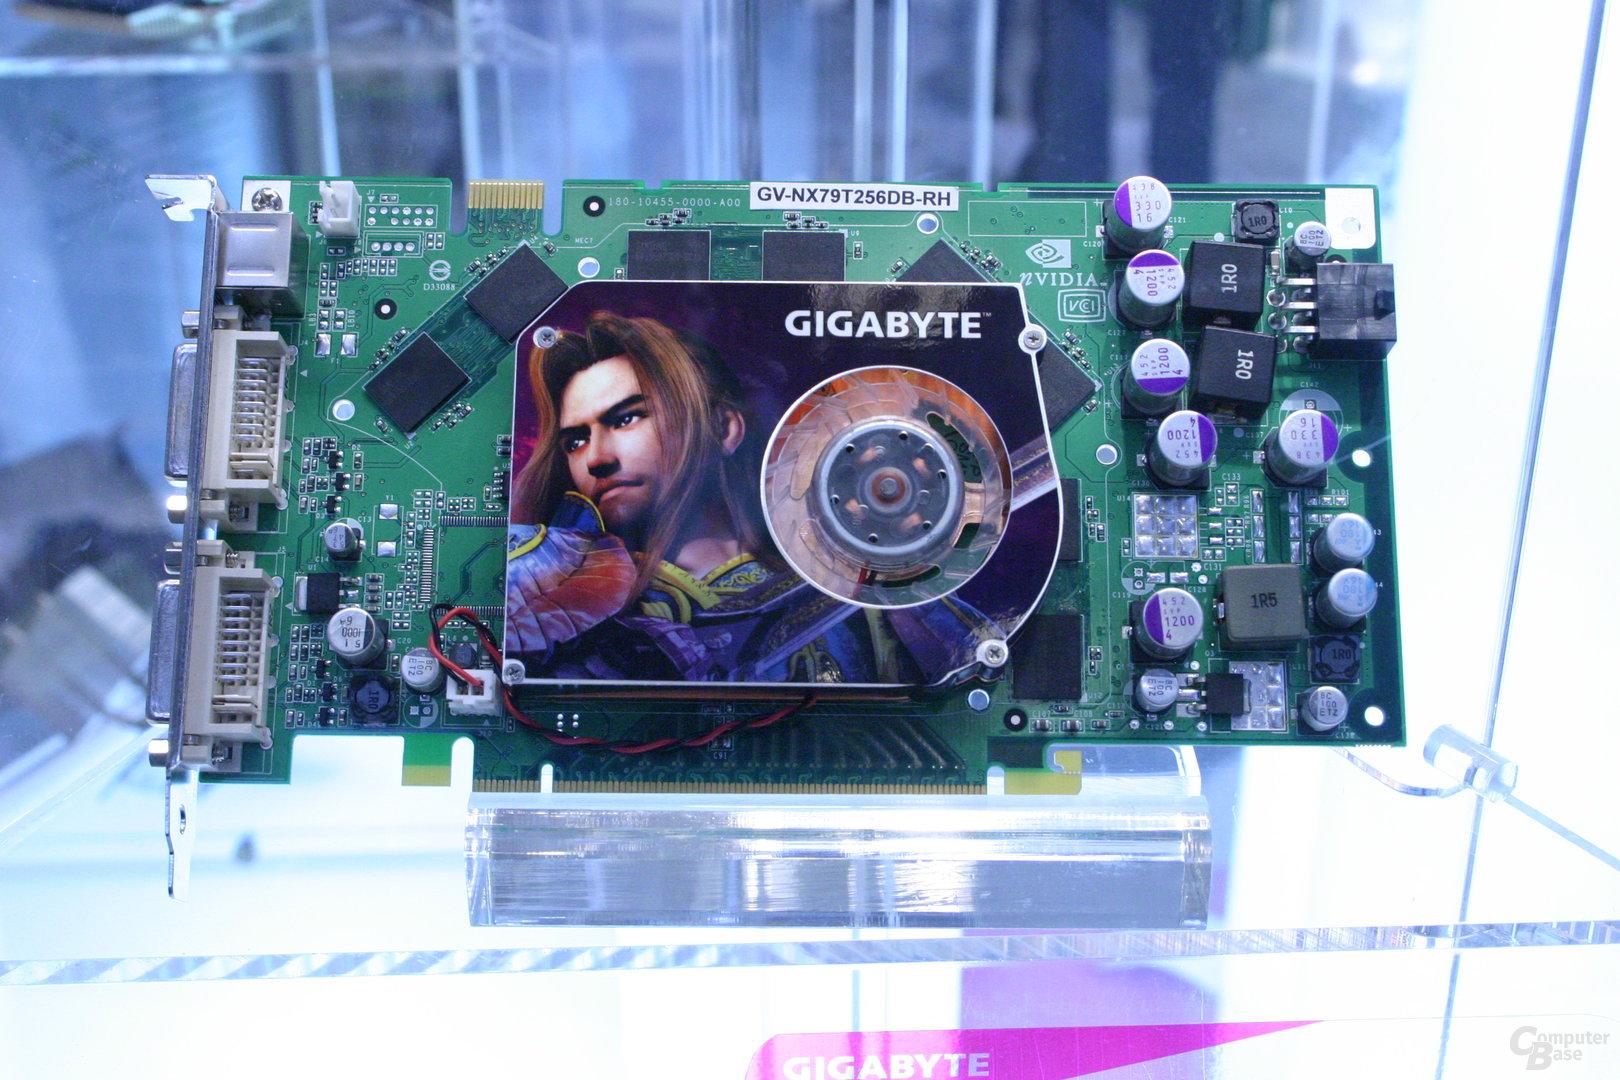 Gigabyte 7900 GT